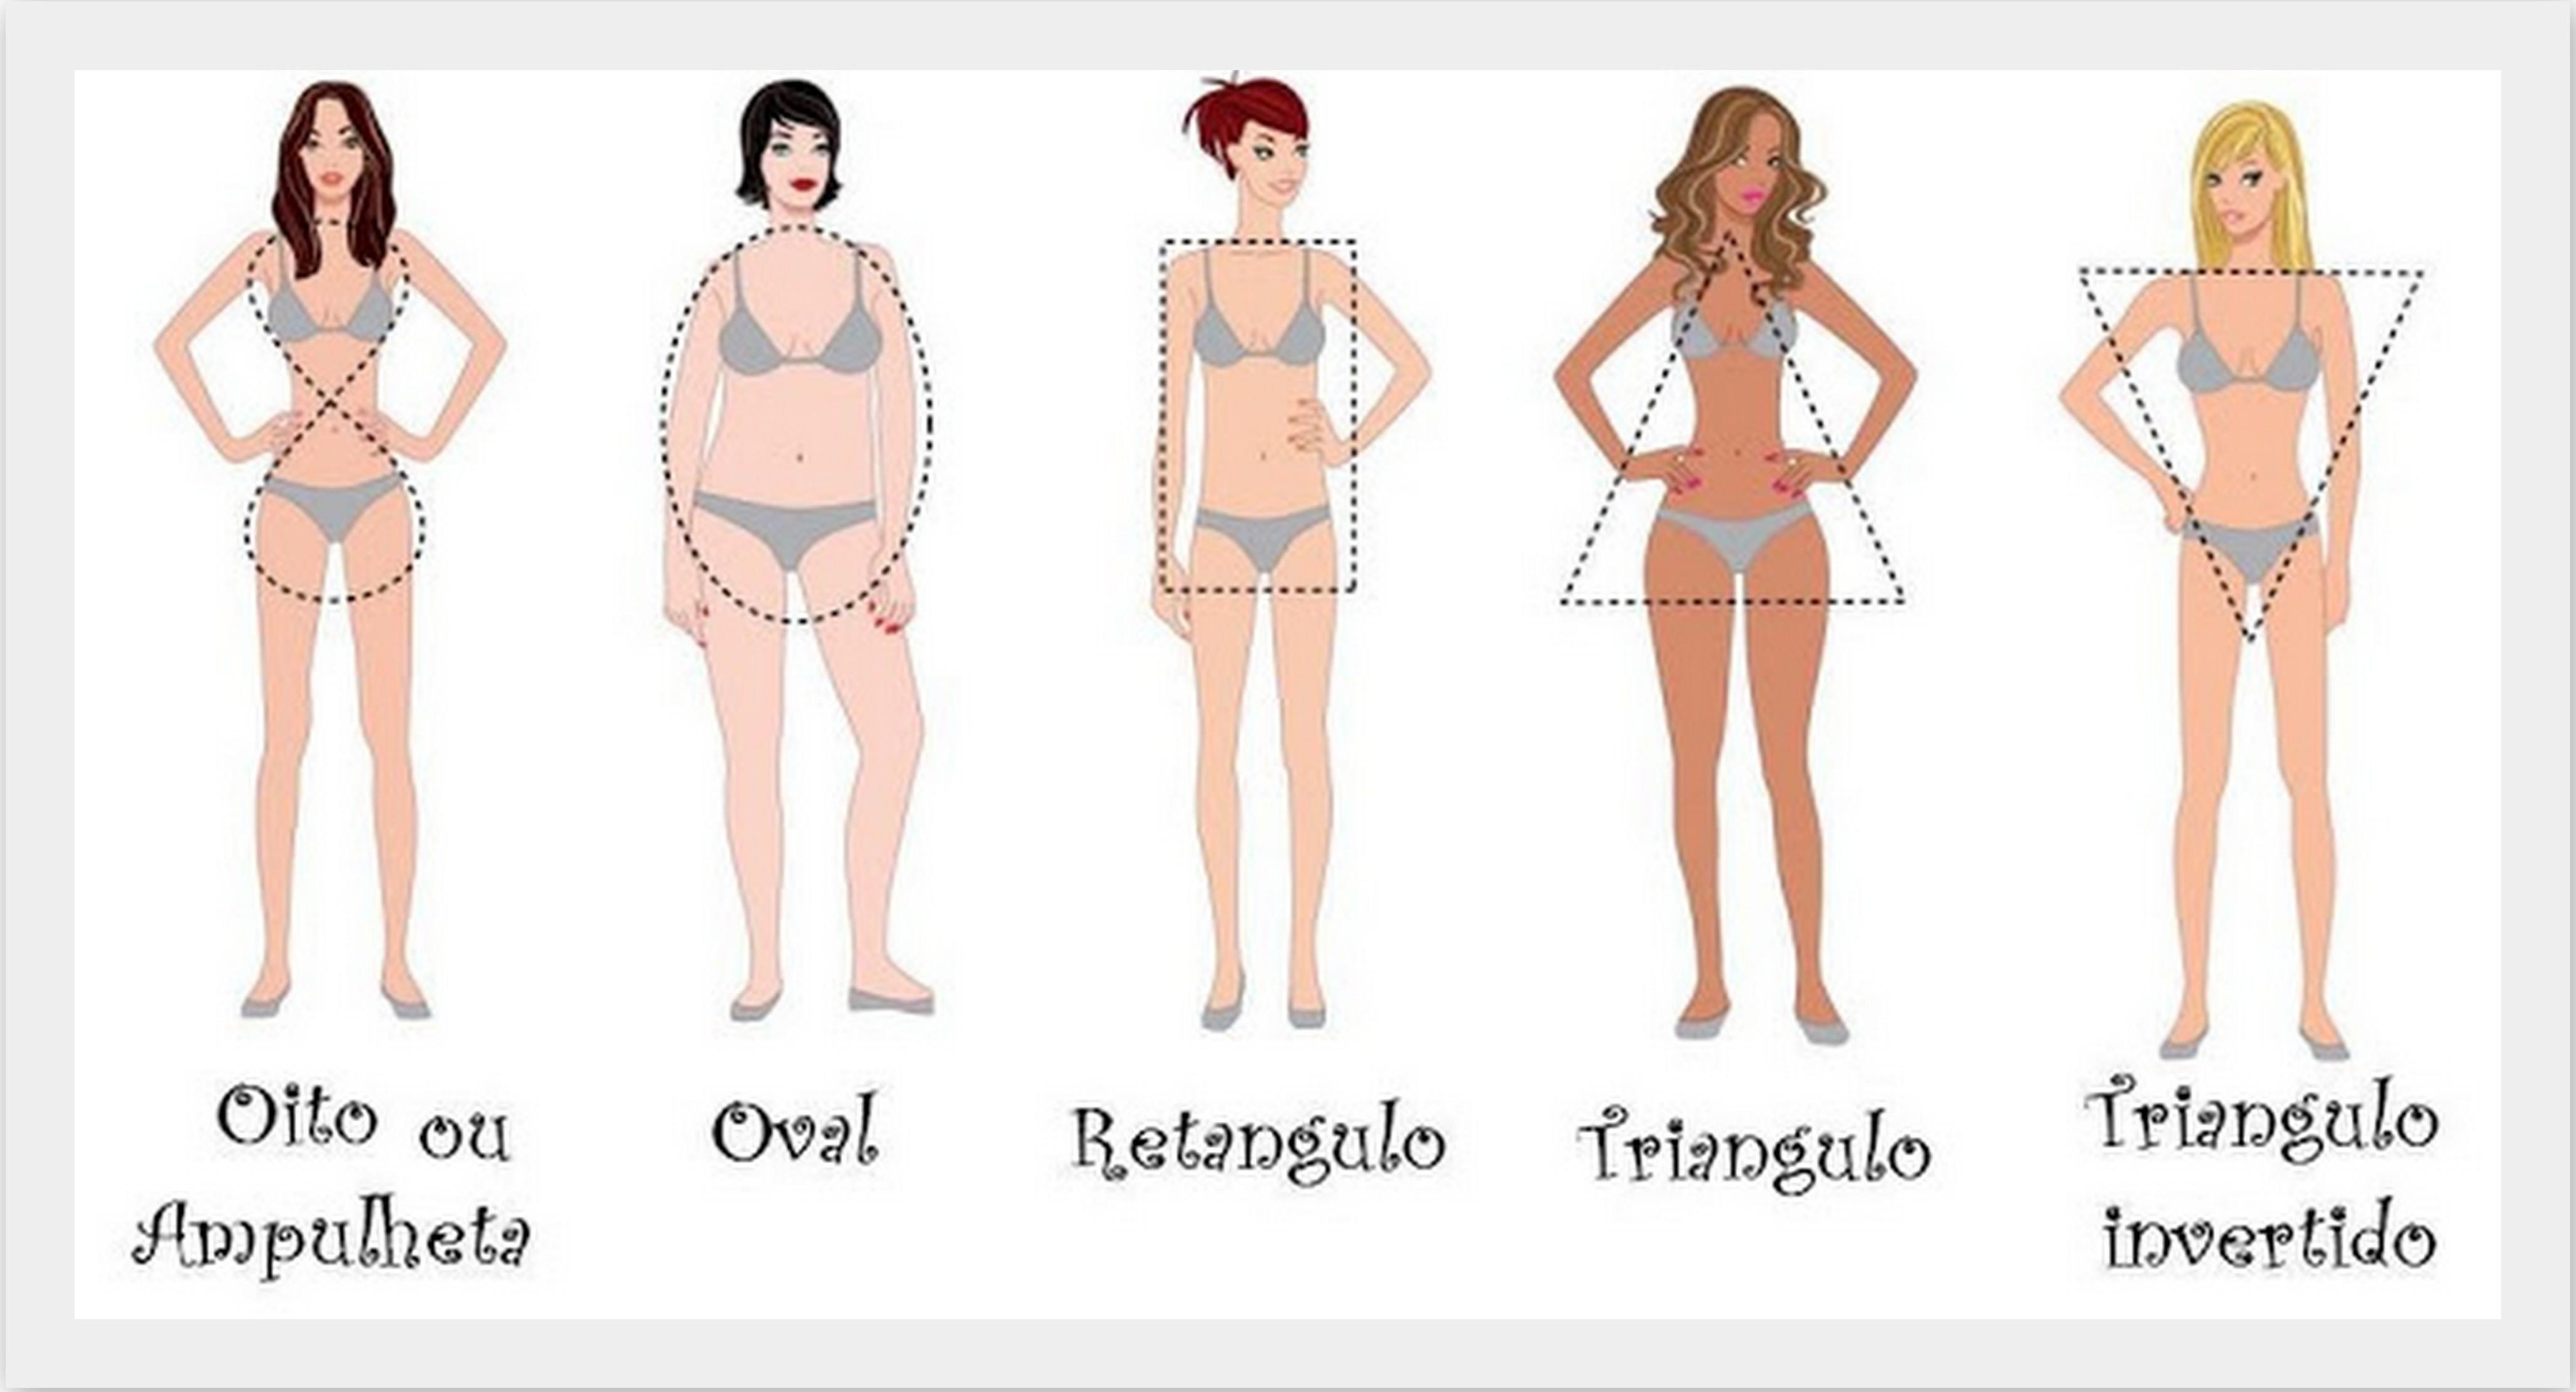 Se o tamanho de perna depois da perda de peso se modifica